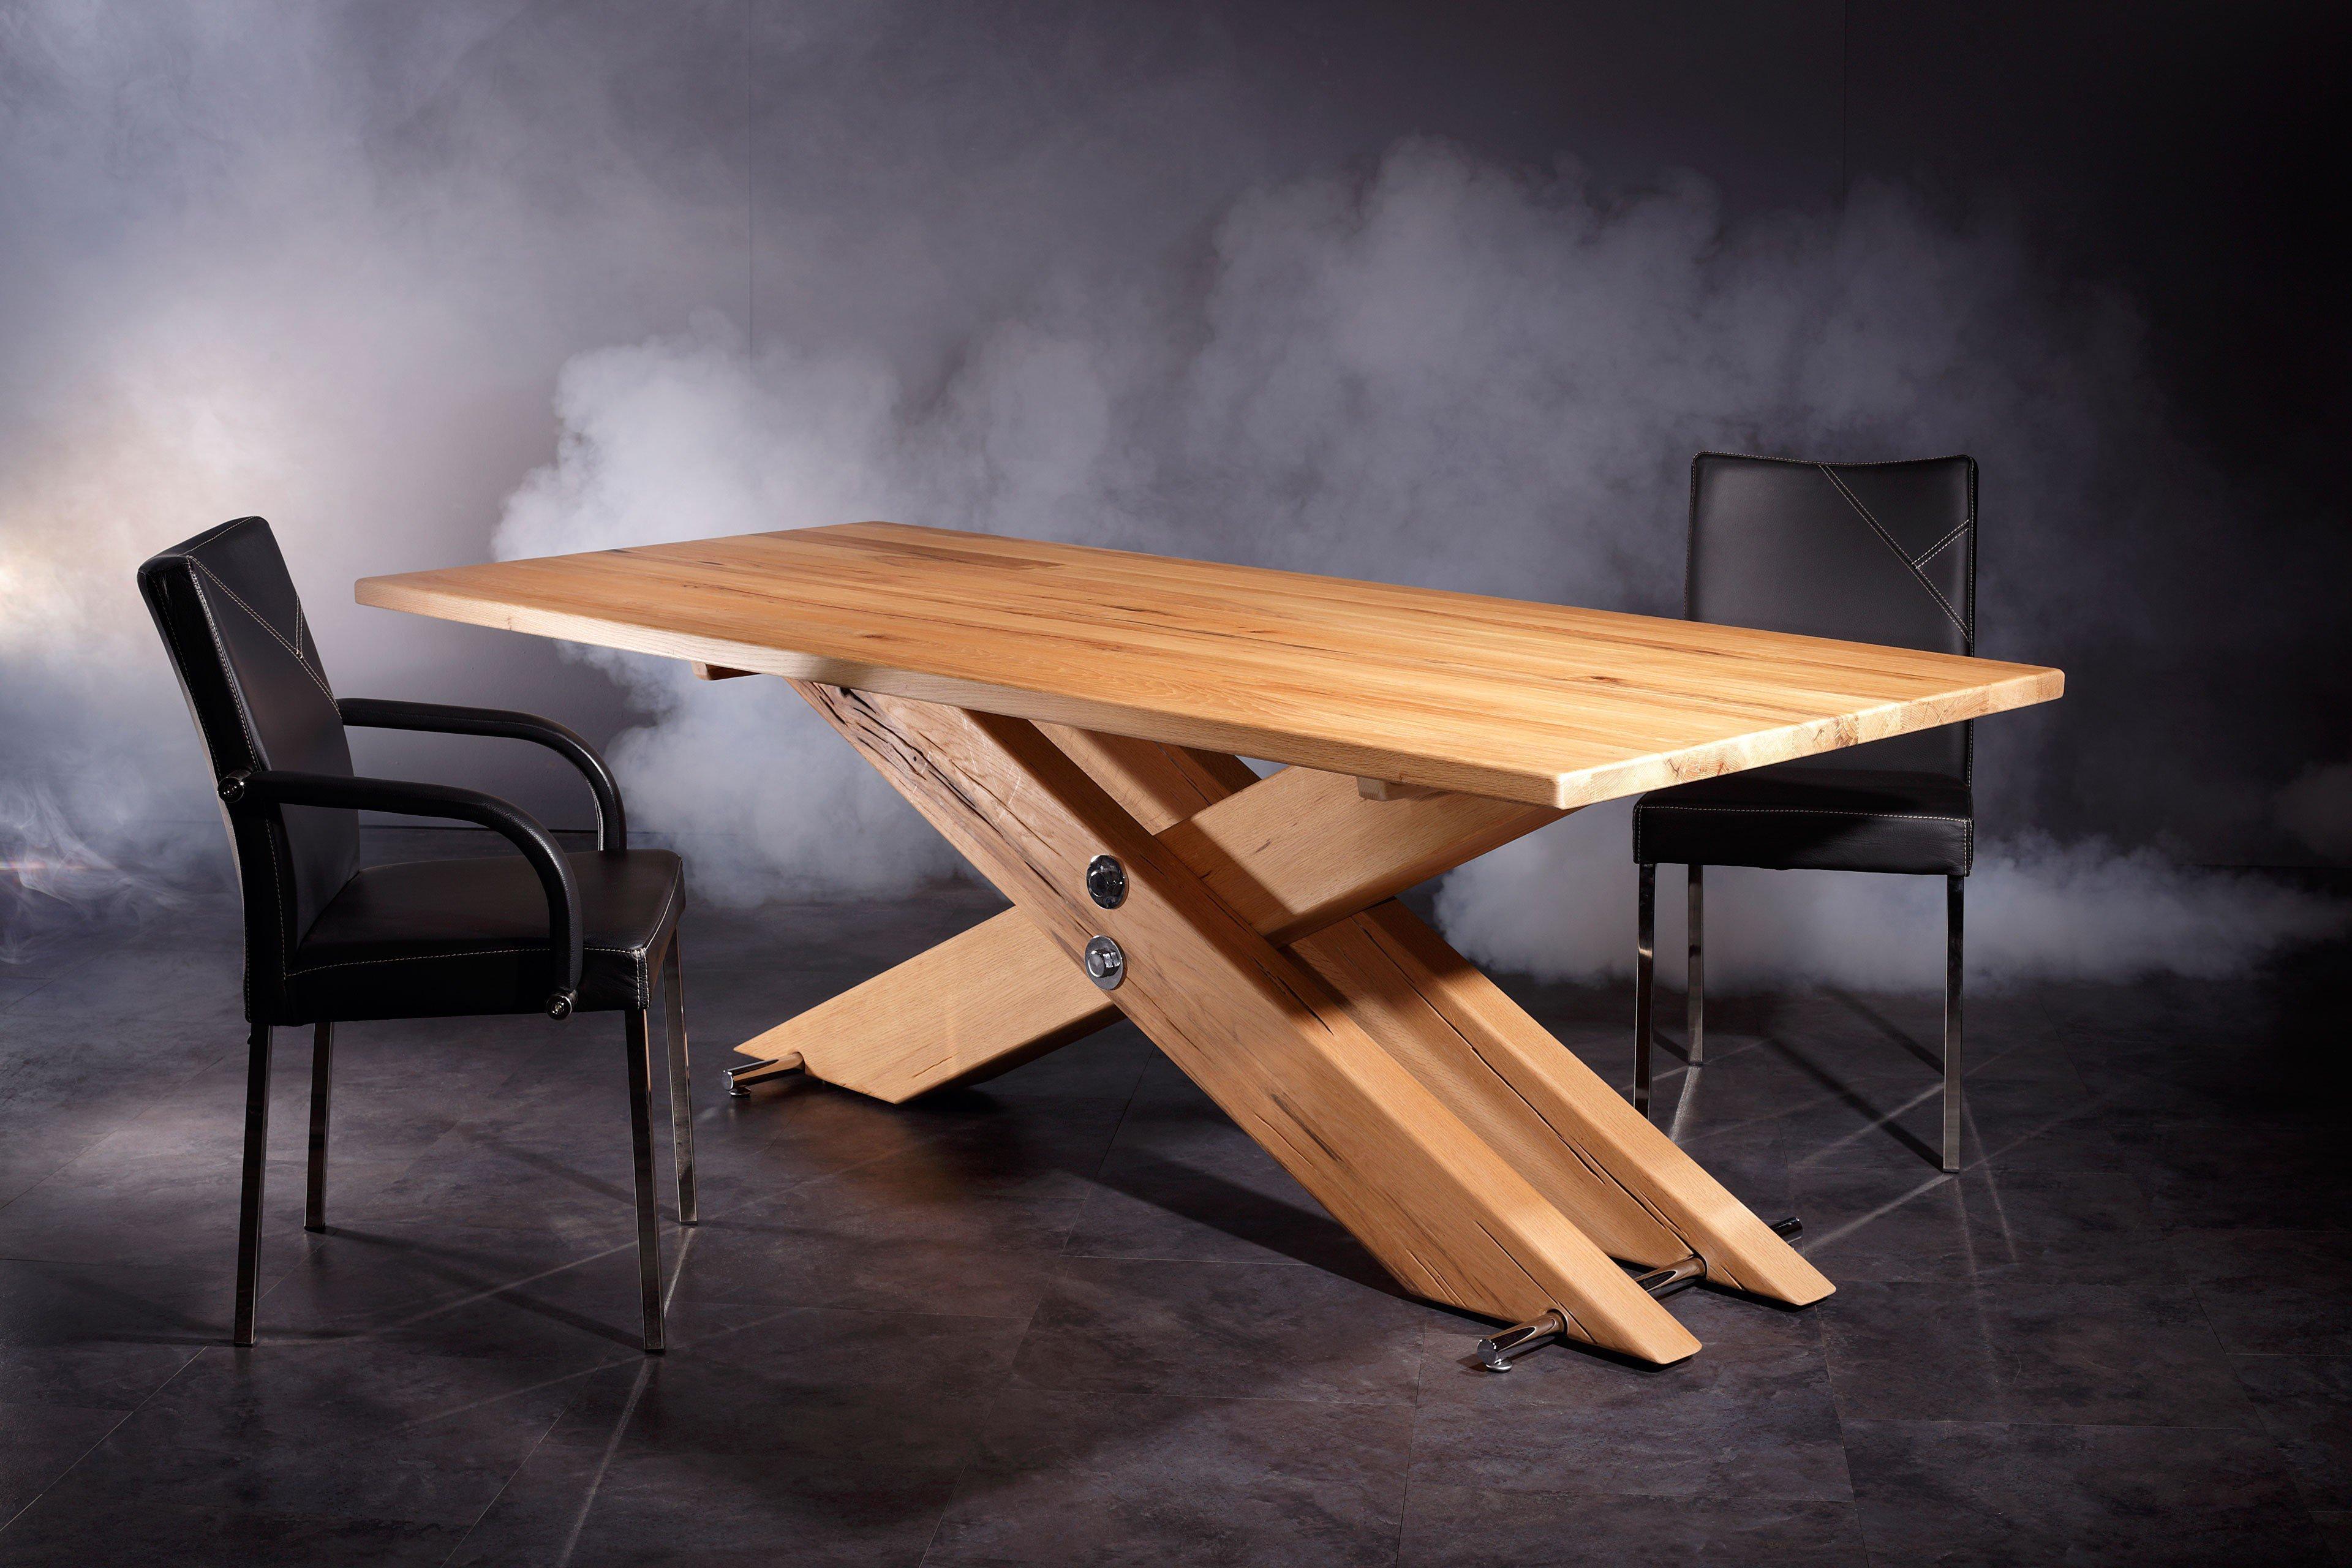 sprenger kreuzfu tisch aus sumpfeiche m bel letz ihr. Black Bedroom Furniture Sets. Home Design Ideas